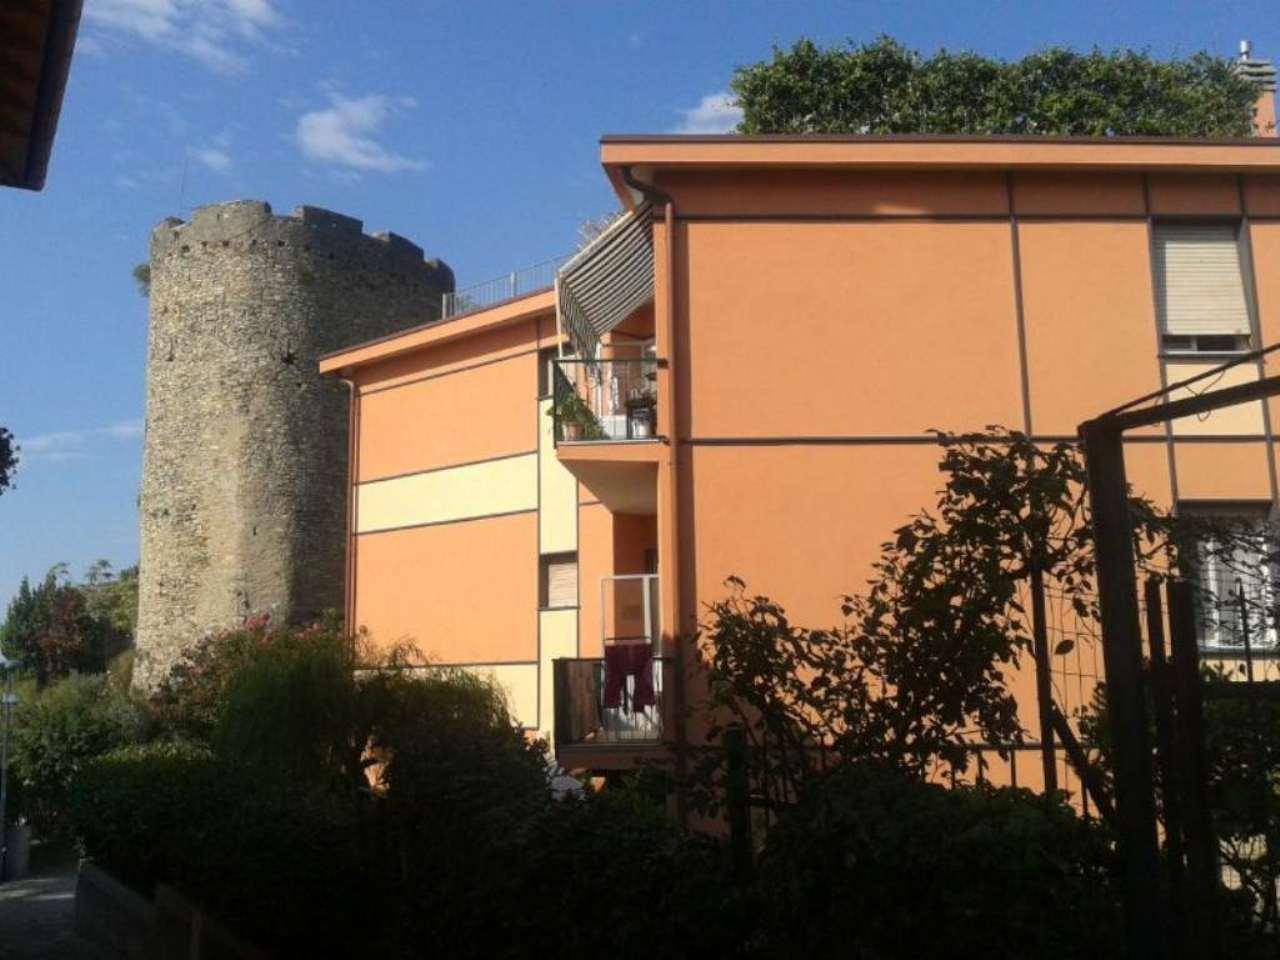 Appartamento in vendita a Chiavari, 3 locali, prezzo € 220.000 | CambioCasa.it